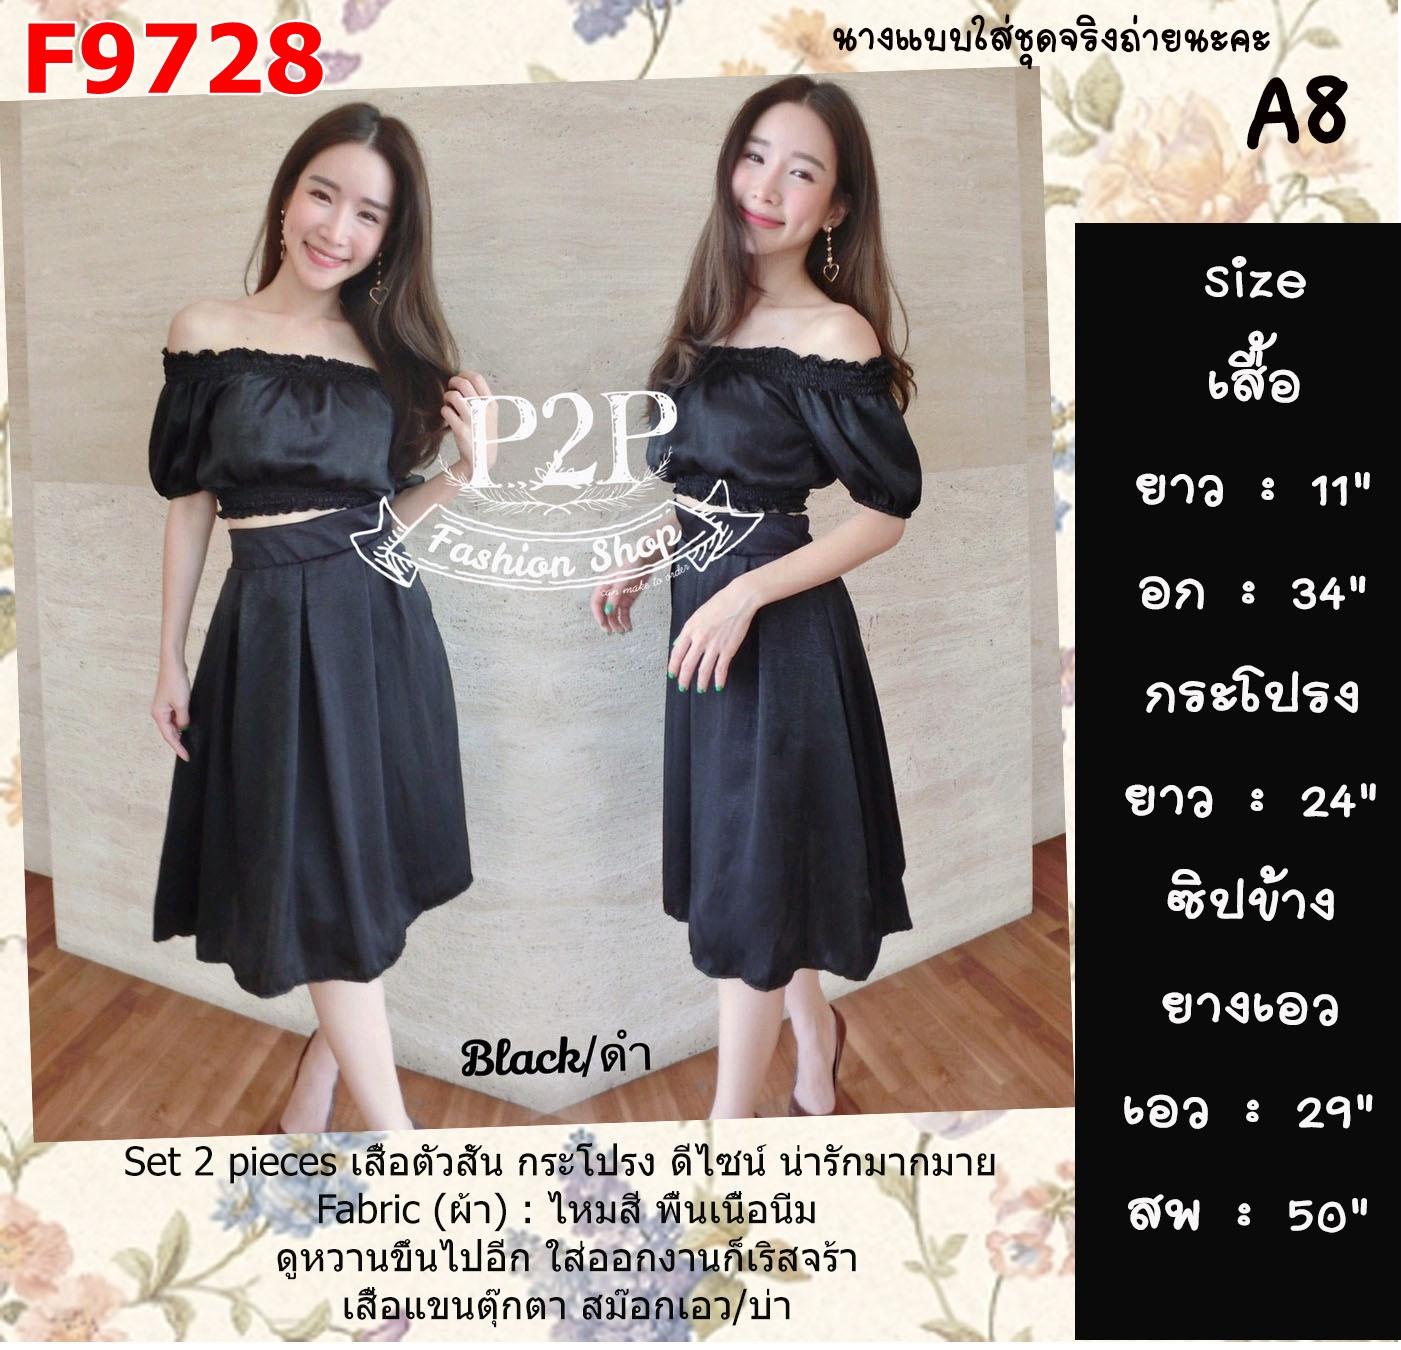 F9728 Set 2 Pieces เสื้อตัวสั้น แขนตุ๊กตา + กระโปรงยาว สีดำ